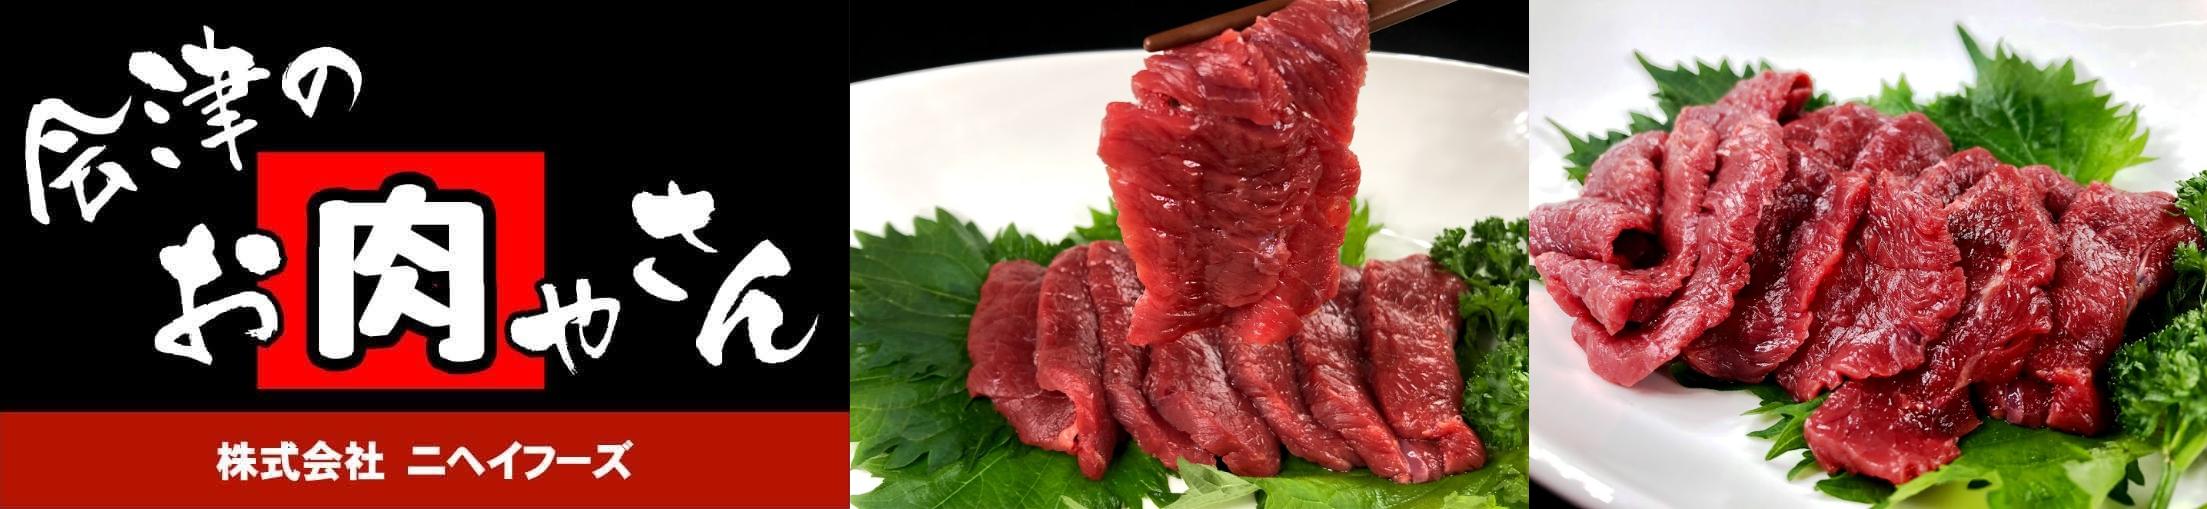 会津のお肉やさん ニヘイフーズ